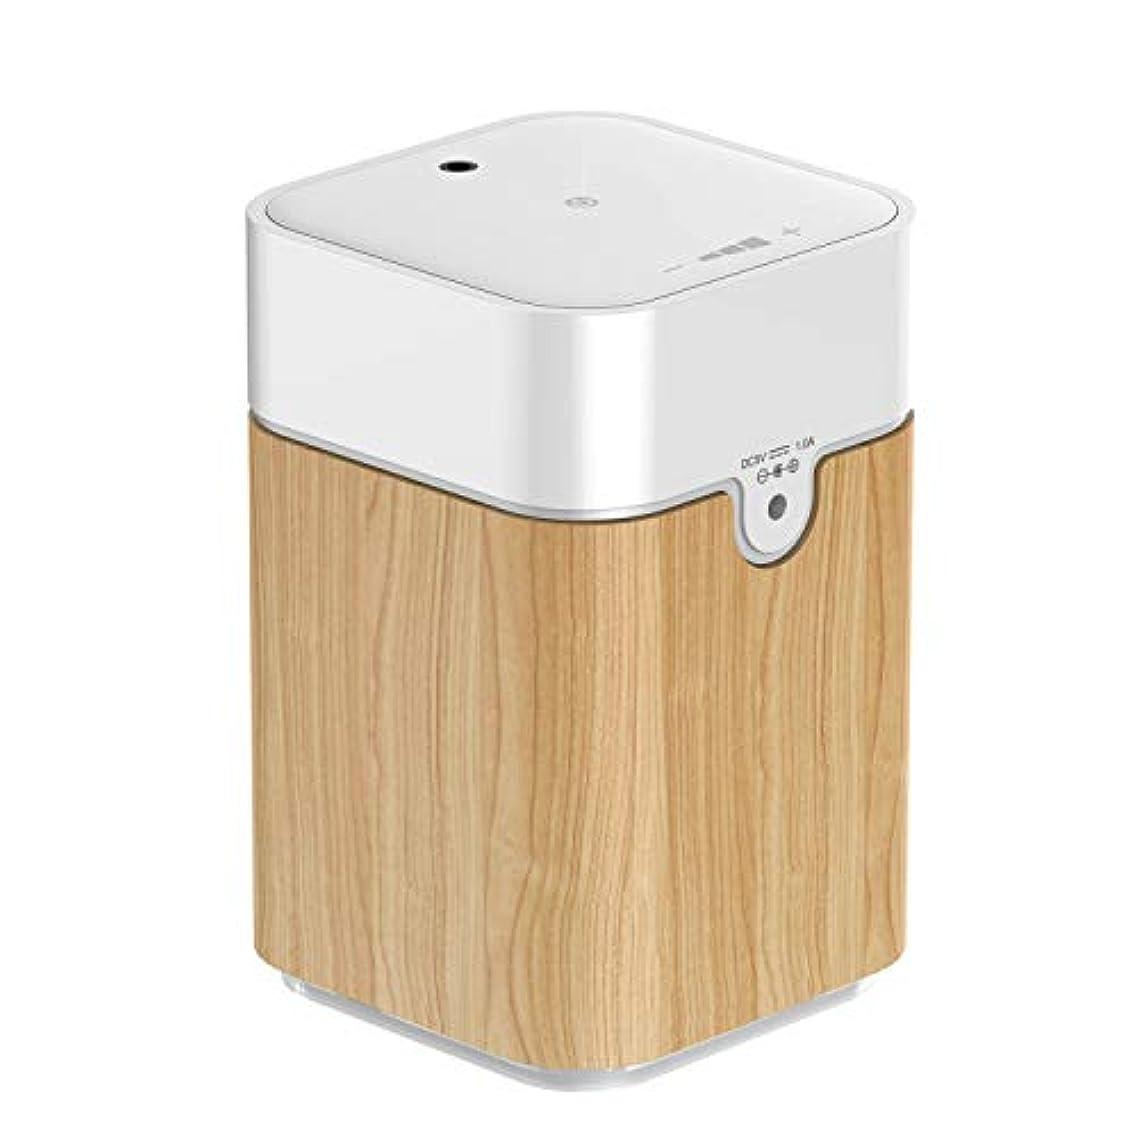 水銀の過言マーカーEVOON アロマディフューザー アロマオイル ネブライザー式充電式で静か アロマバーナー ヨガ室 ホテル 店舗 広く使用されている アロマライト S082W